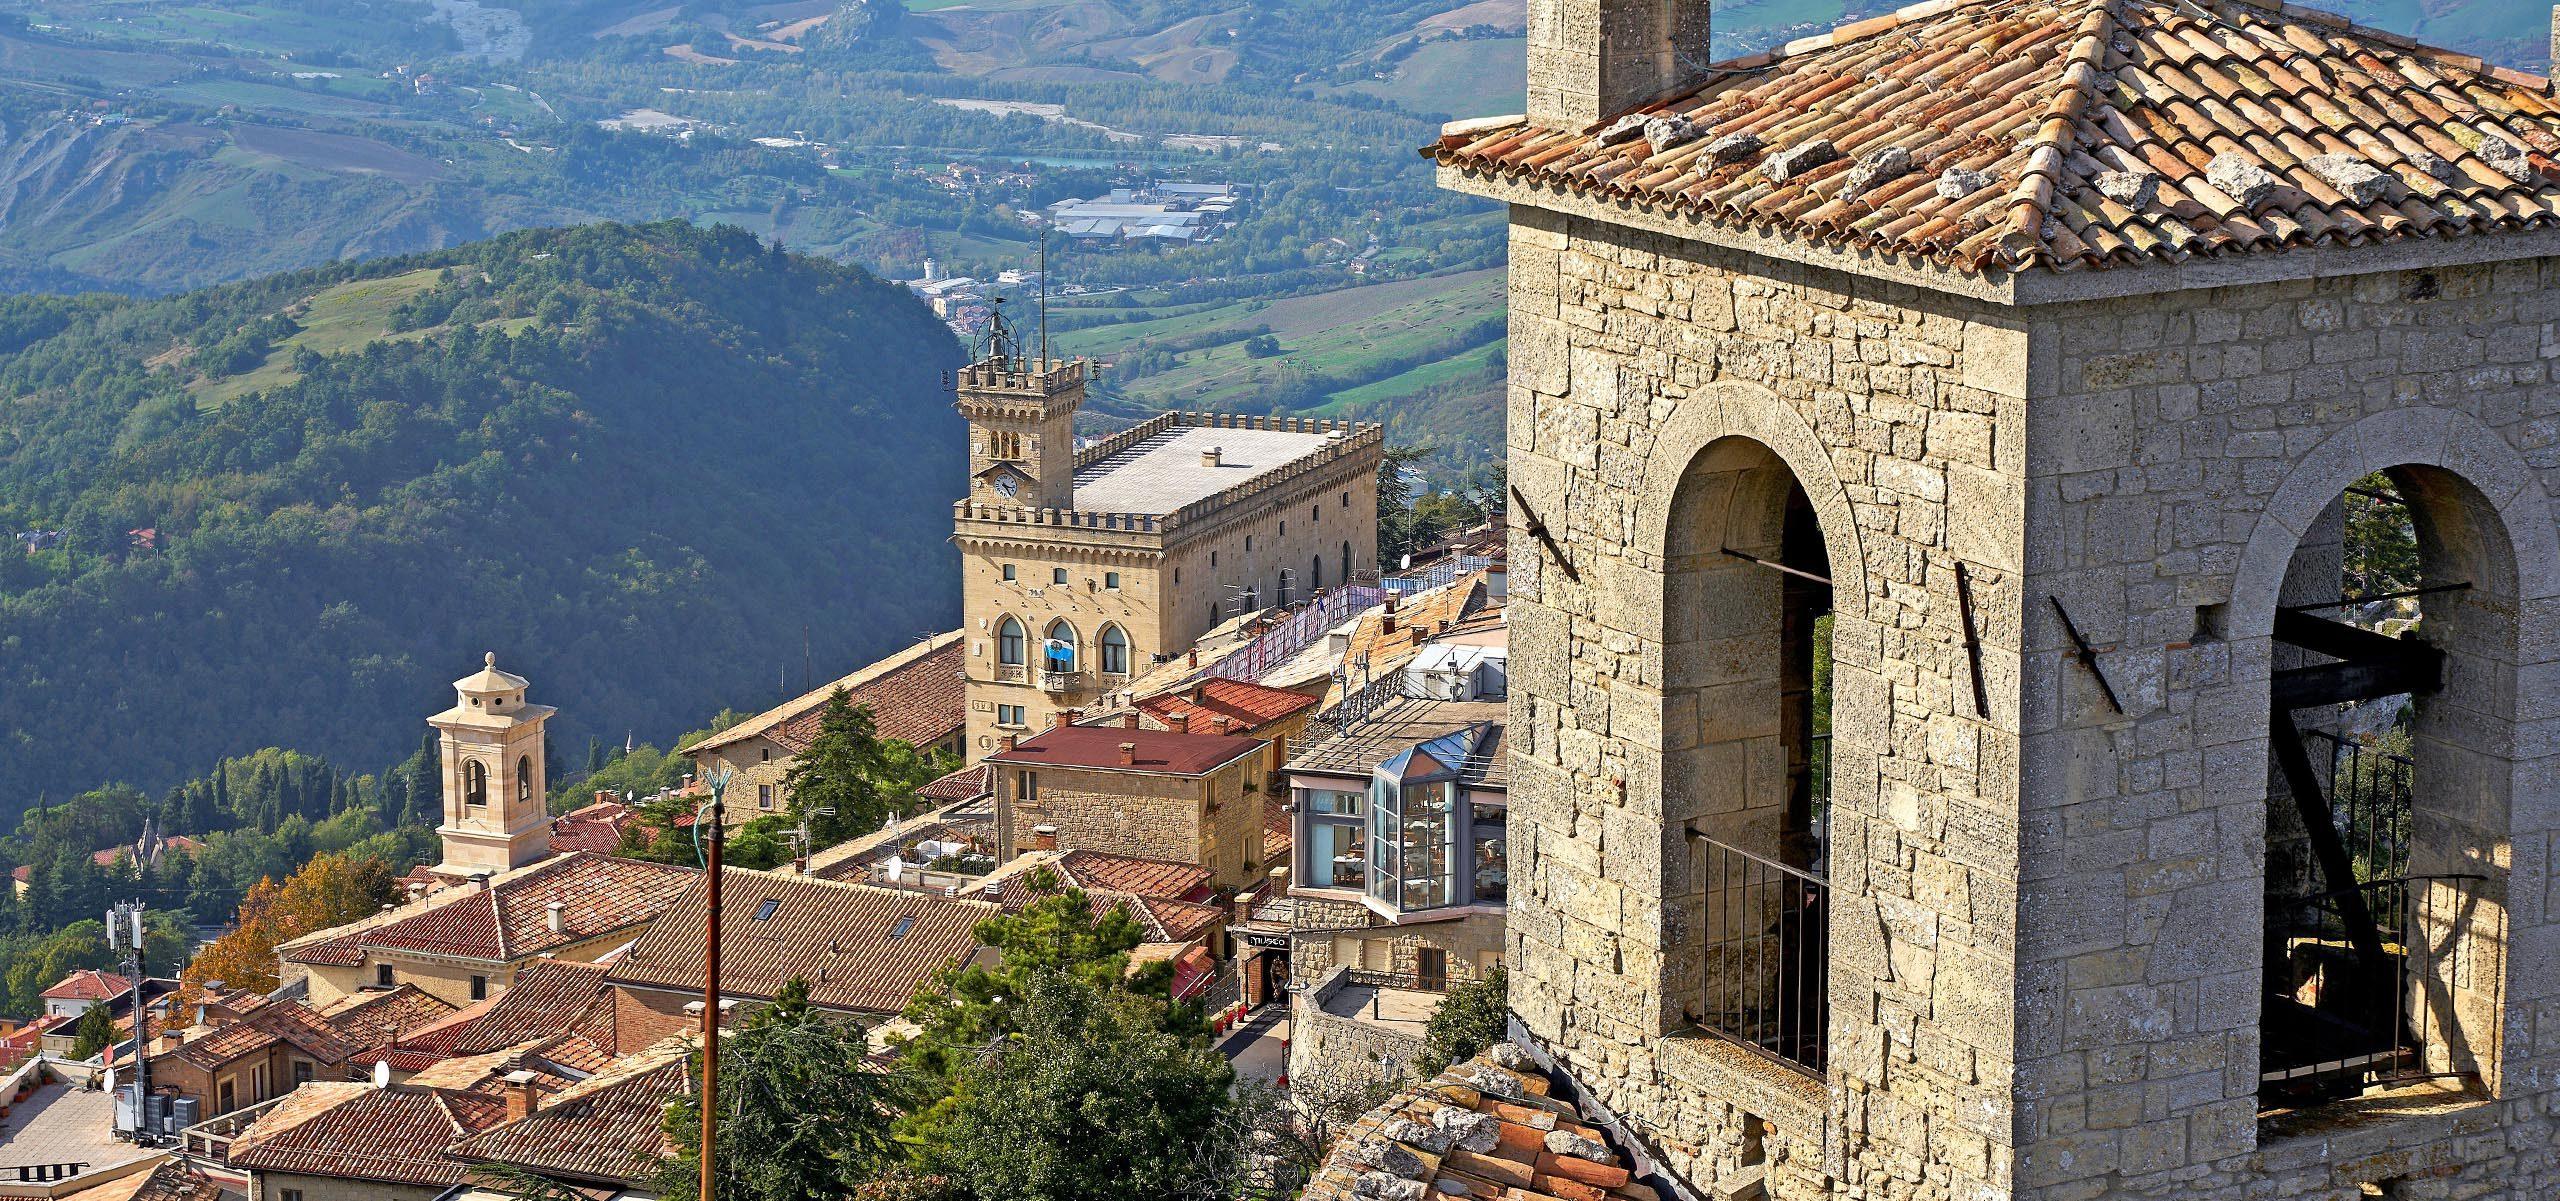 Italy-San Marino-City